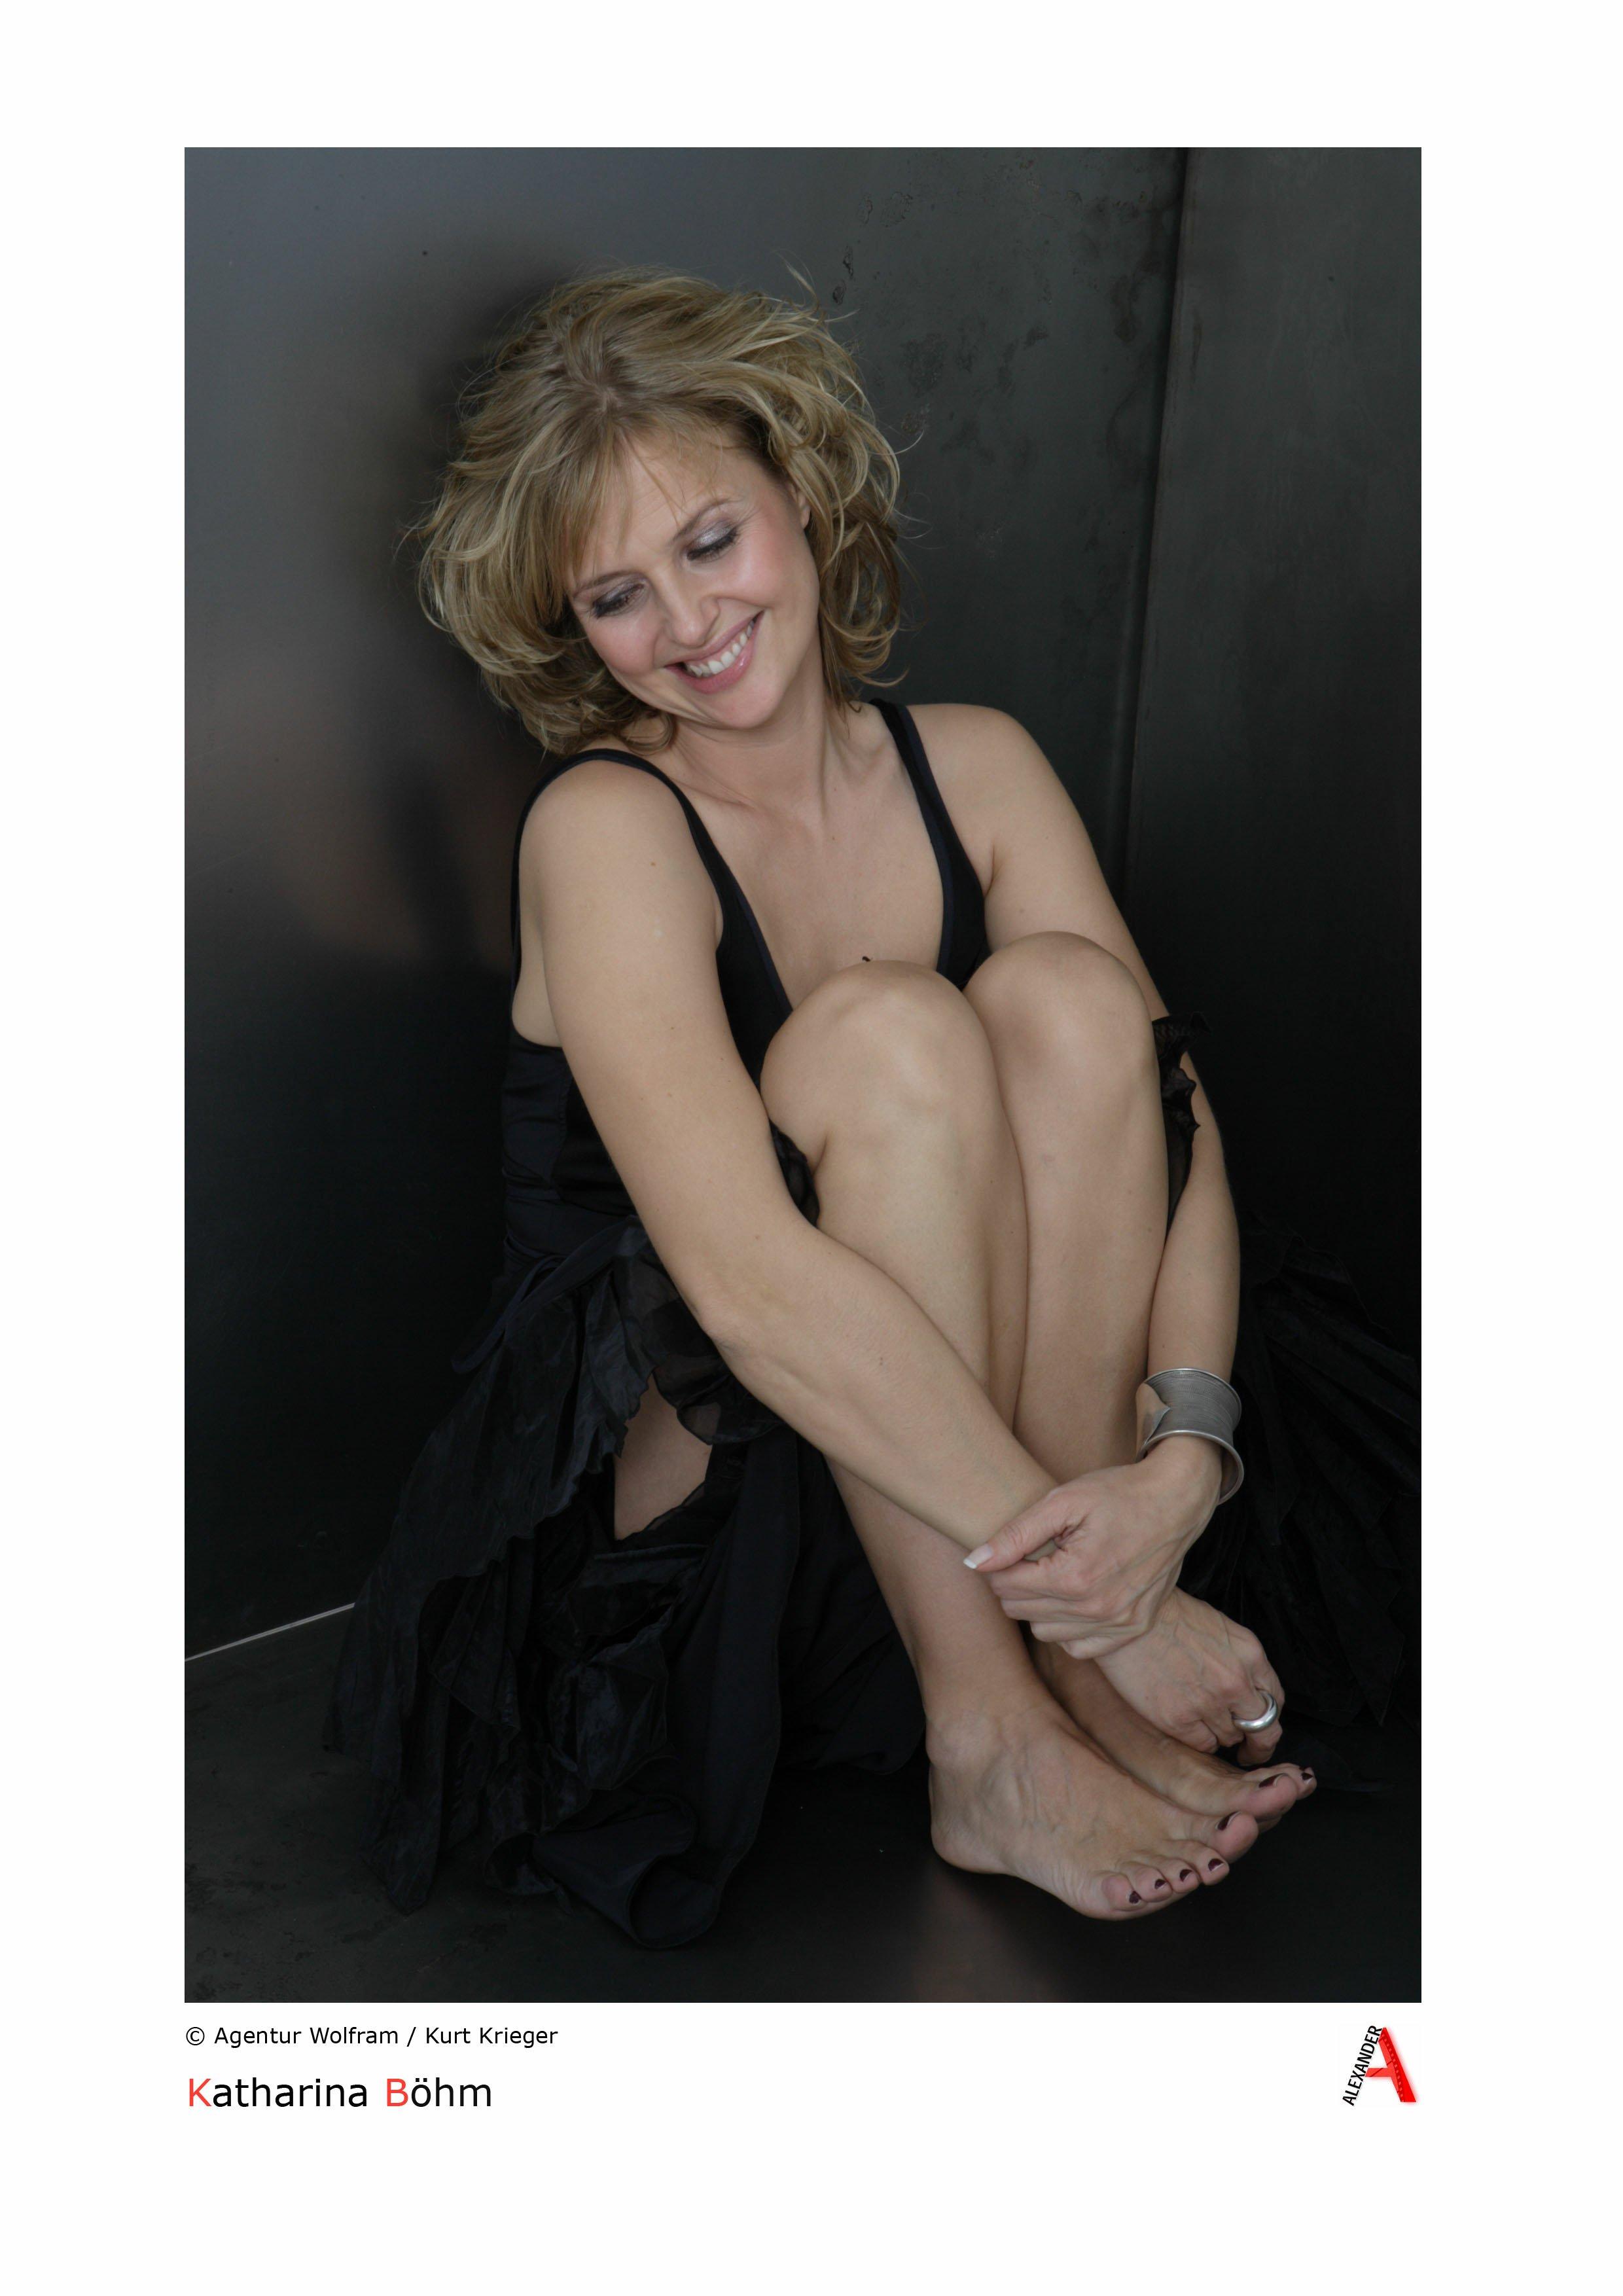 Briana blair anal